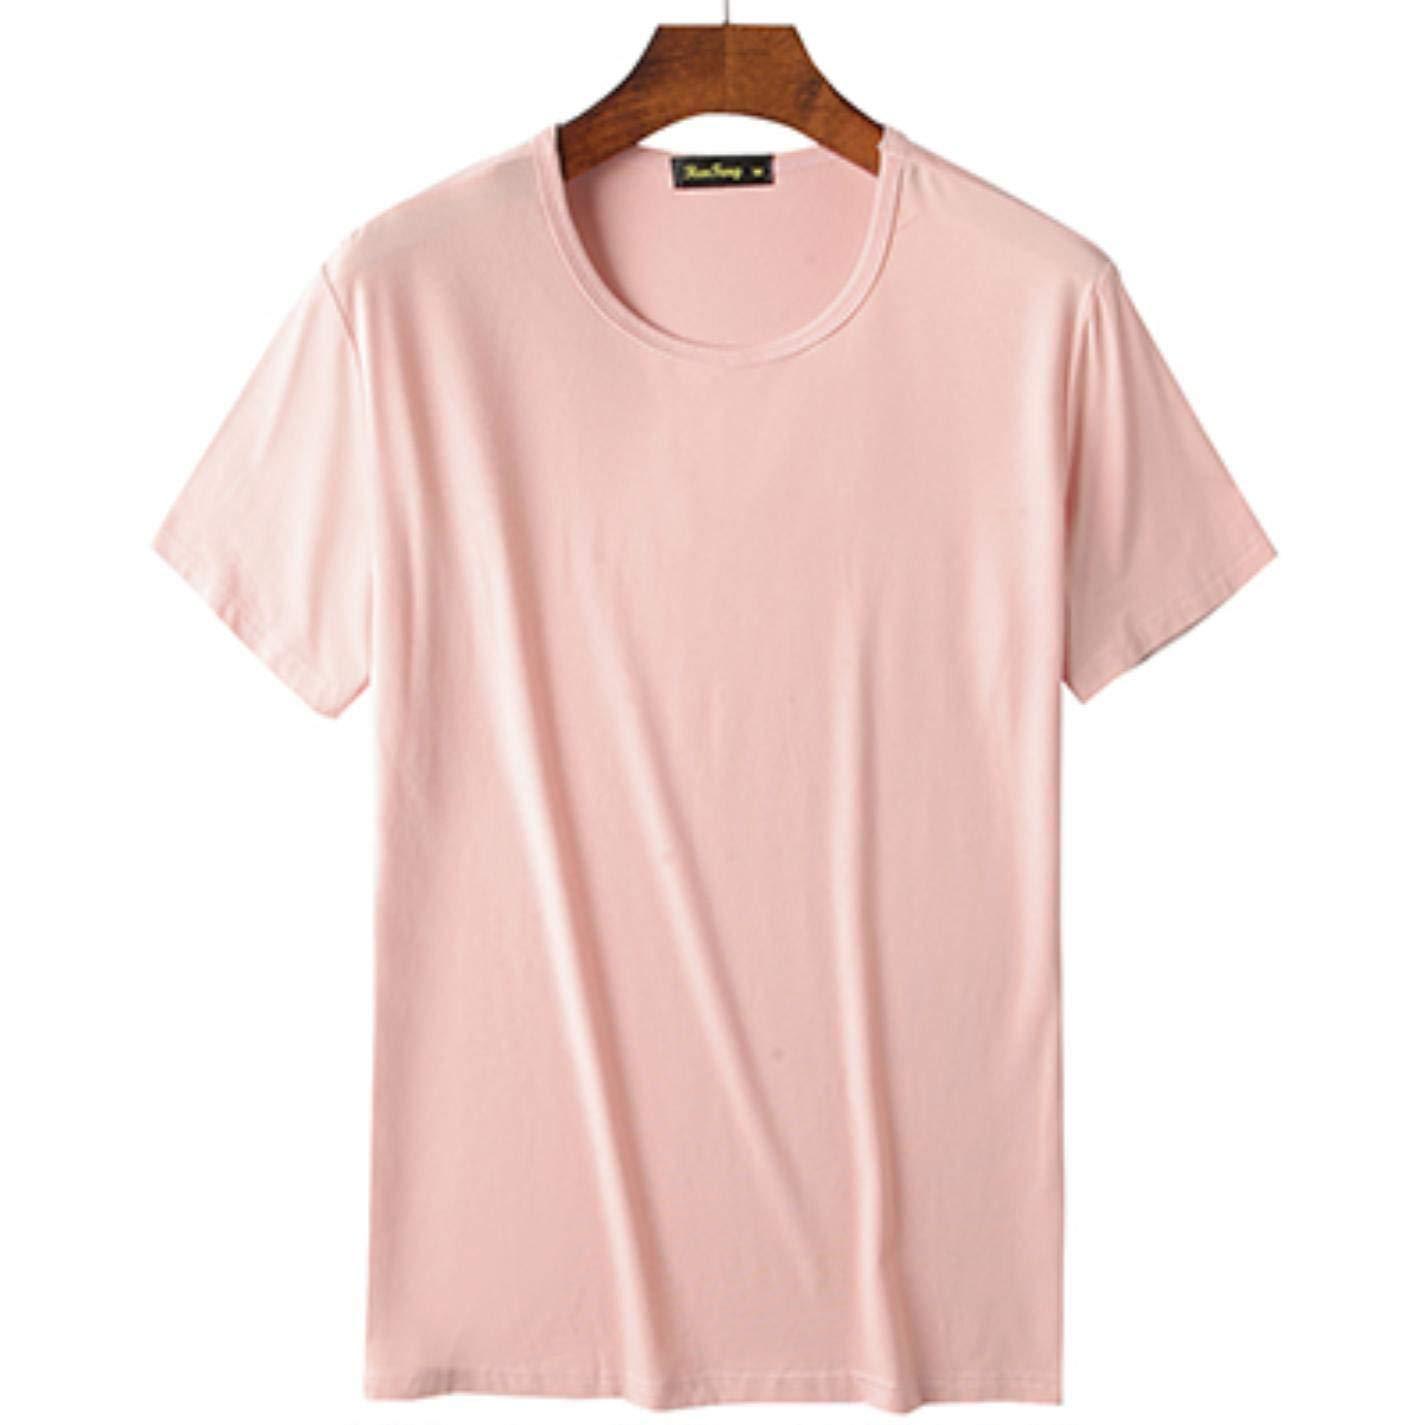 2019 Cool T Shirt Men Bamboo Fiber Hip Hop Basic Blank White Summer Top